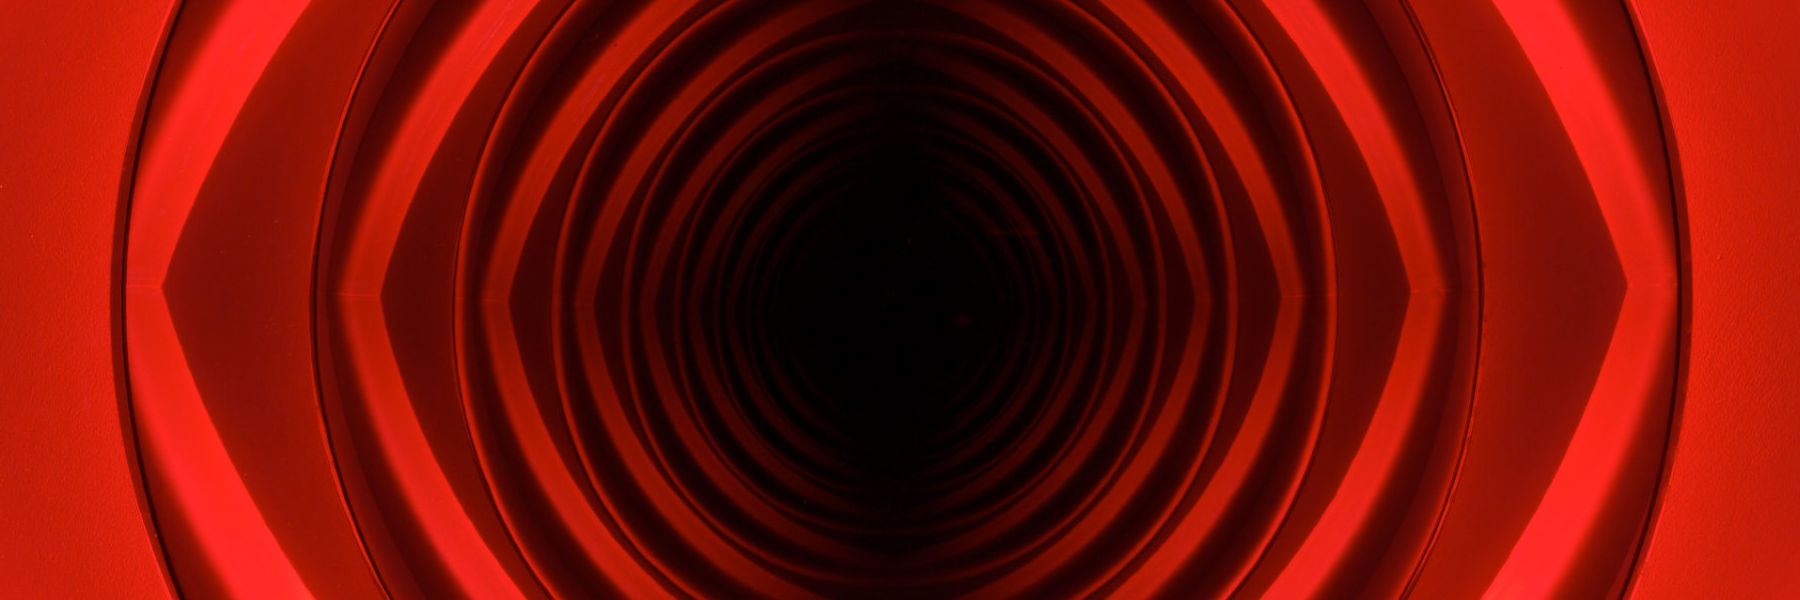 Convex Red